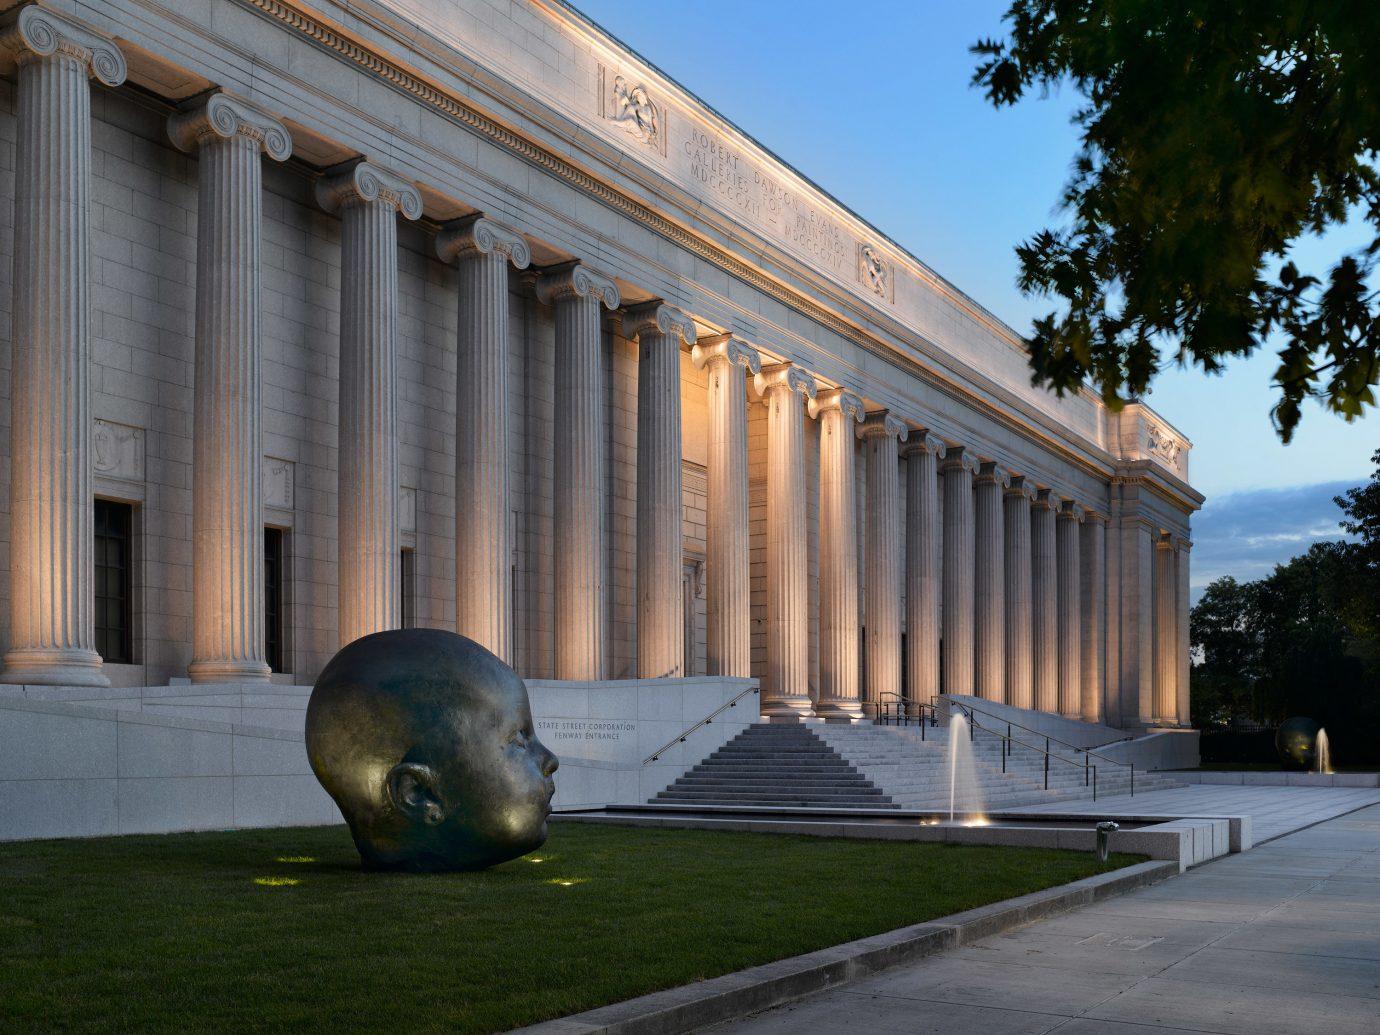 Exterior of Museum of Fine Arts, Boston.